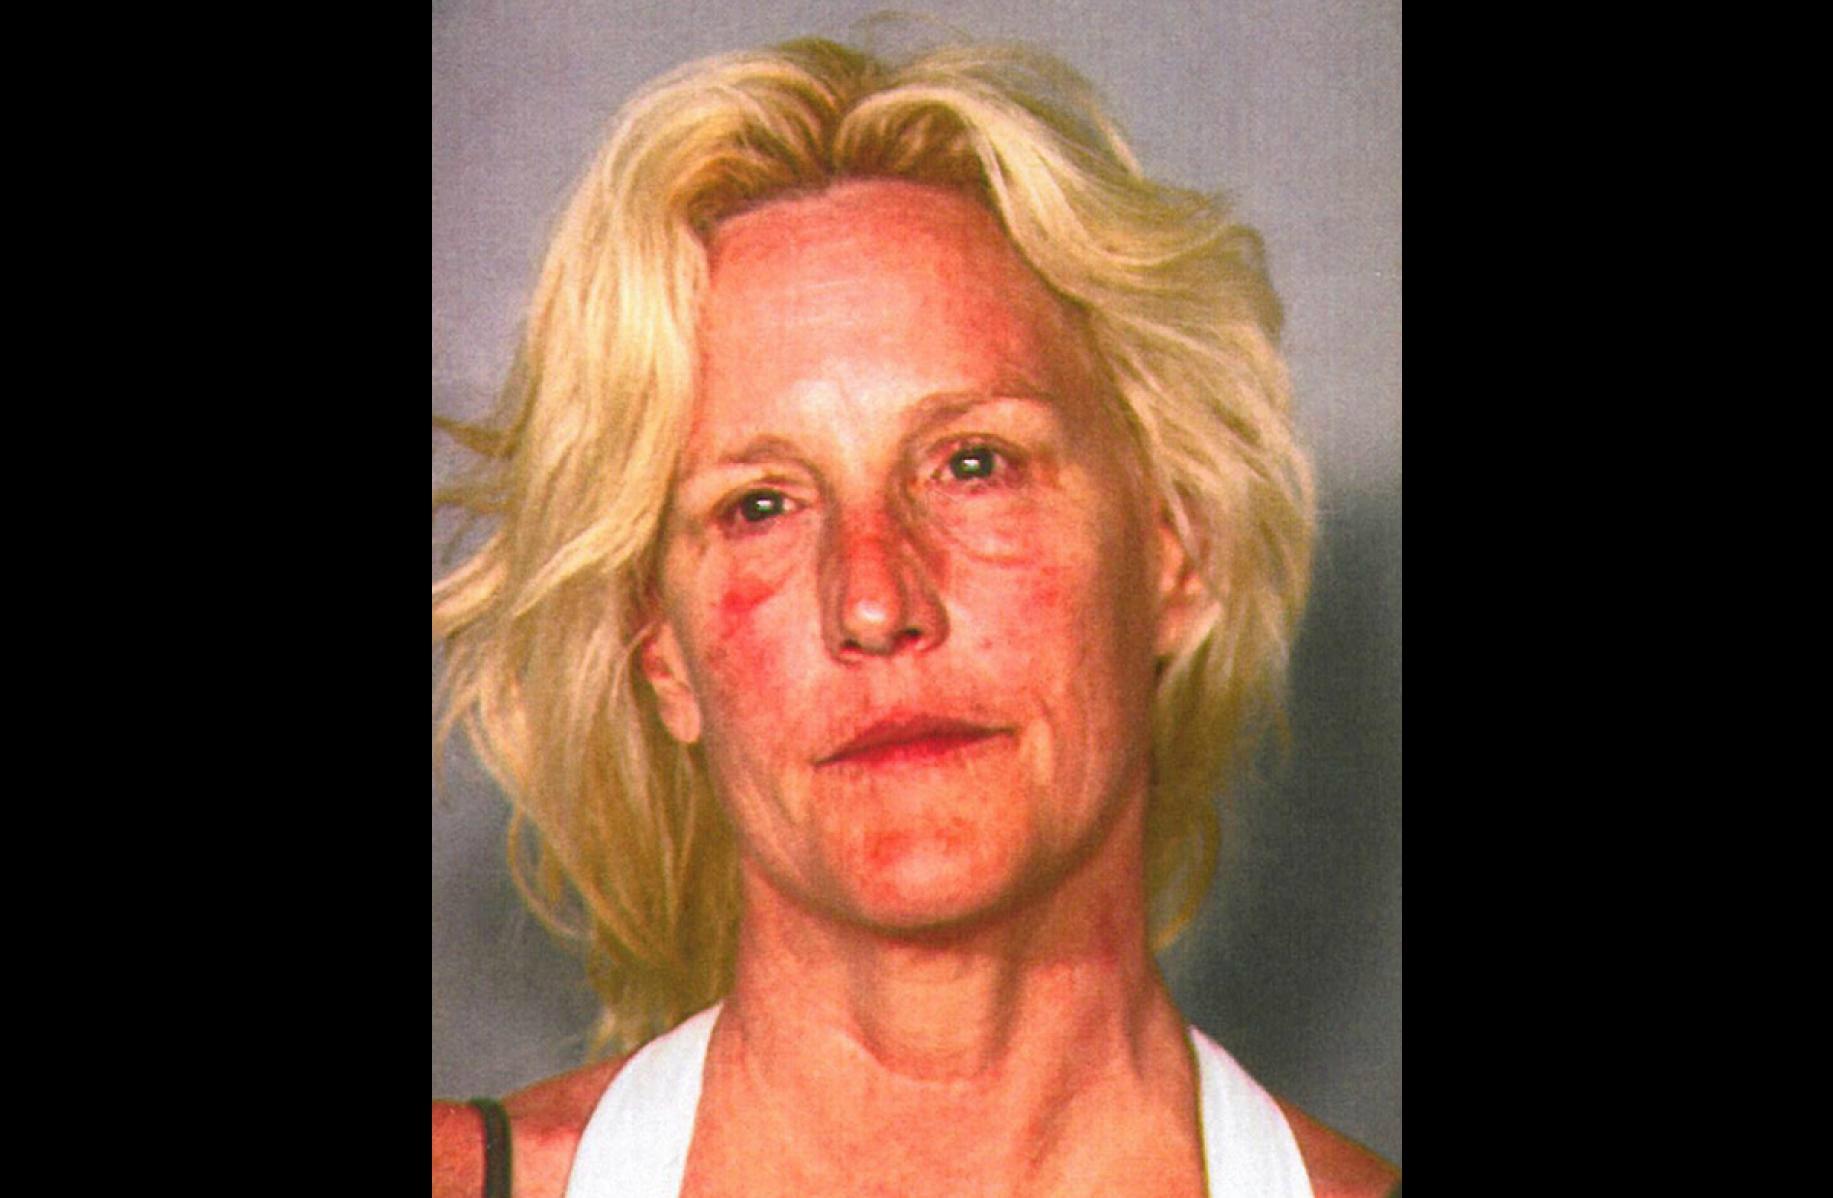 Erin Brockovich em 7 de junho de 2013. Acusação: dirigir UM BARCO sob efeito de álcool e/ou outras drogas. (Foto: Divulgação)